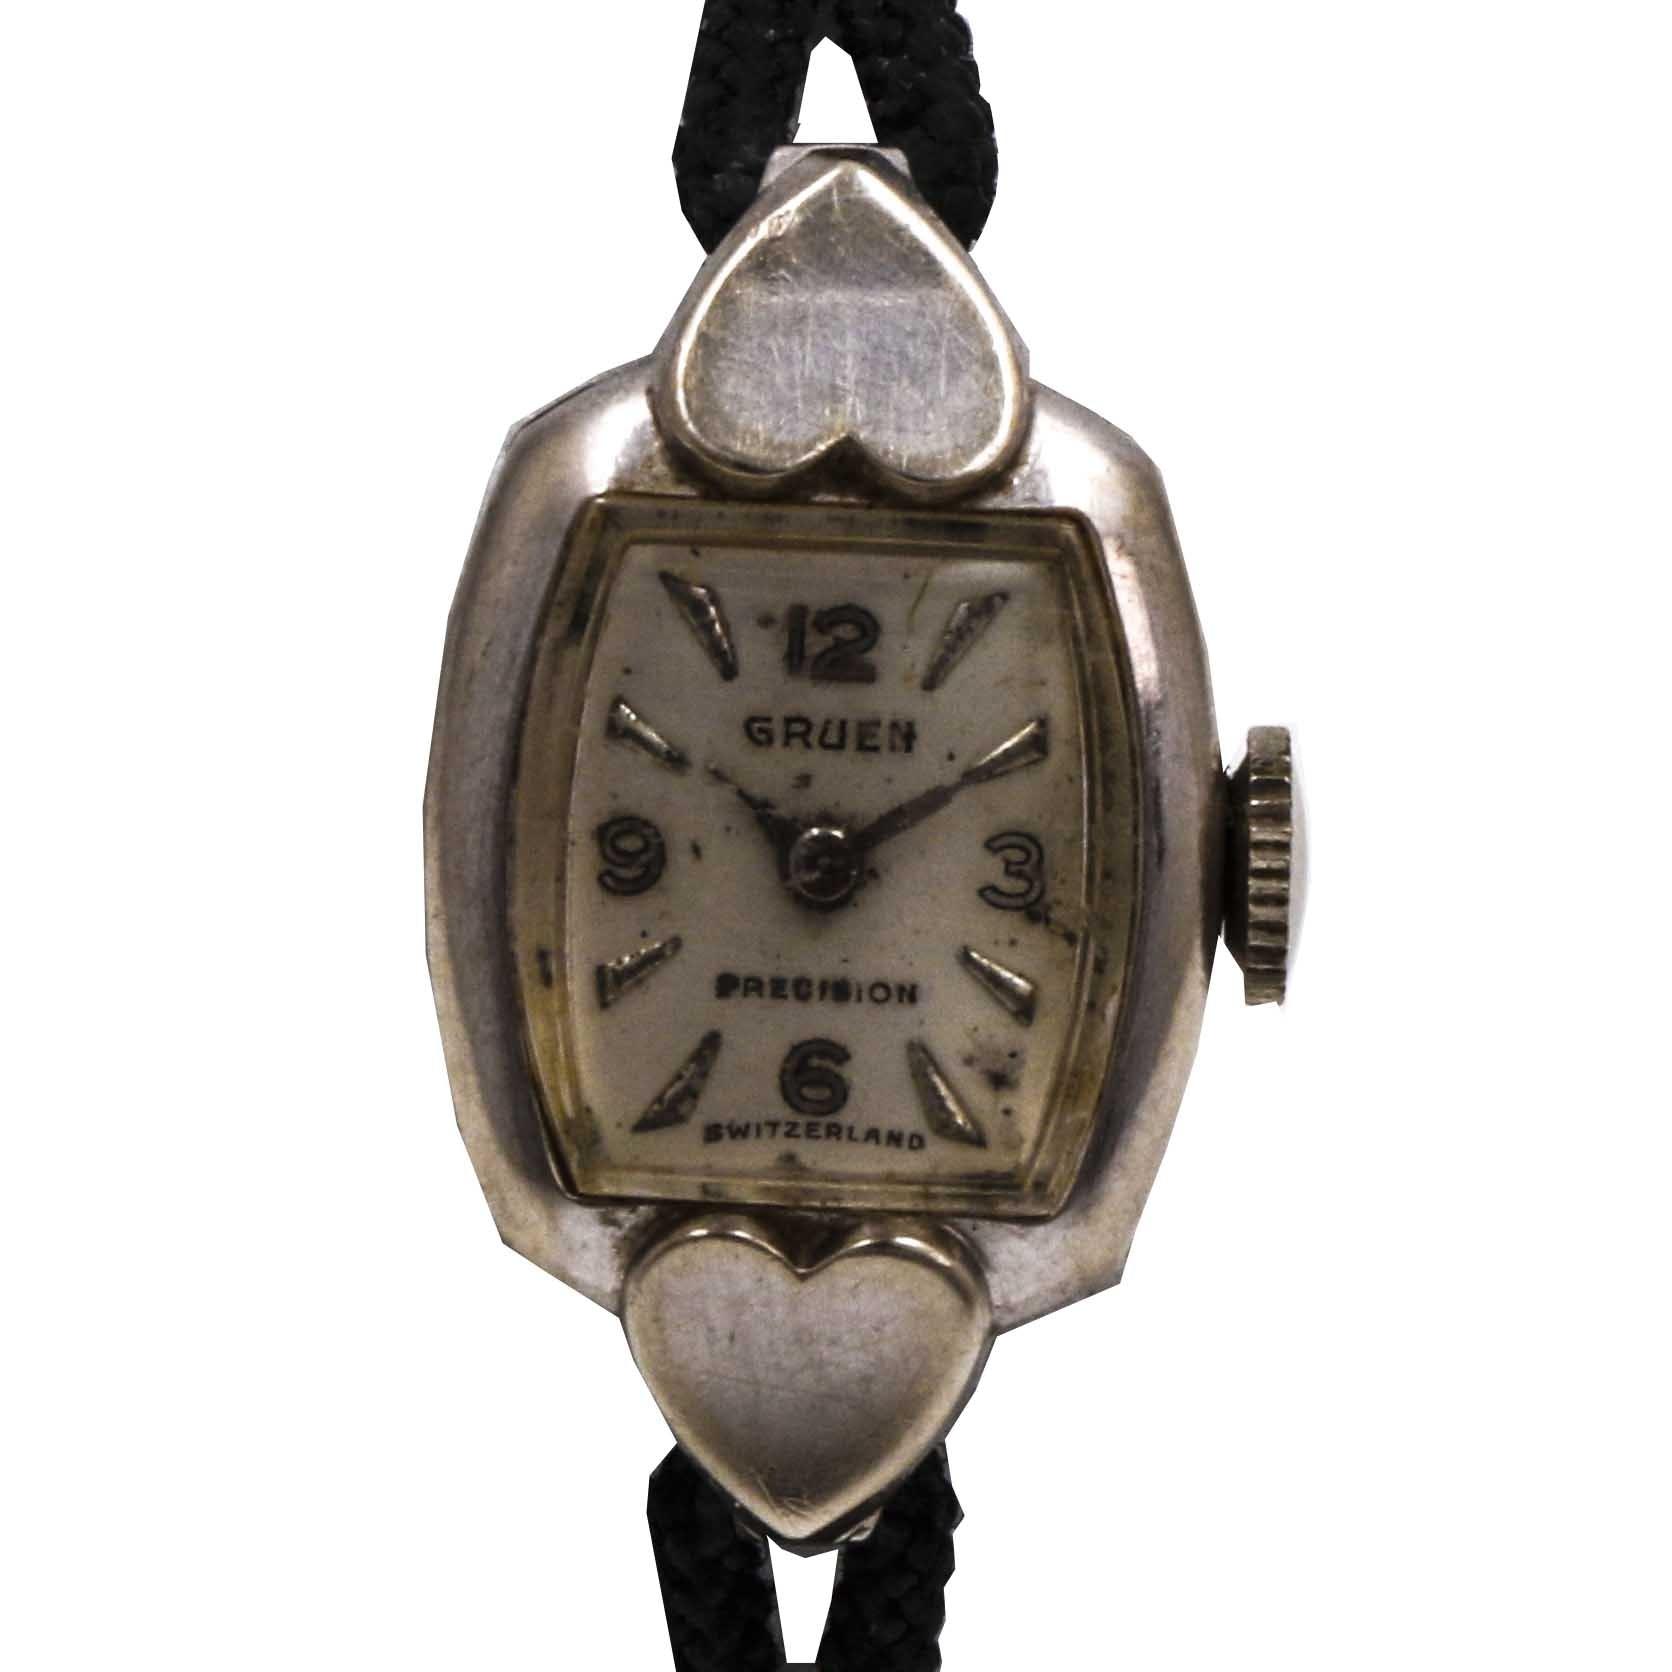 14K White Gold Gruen Wristwatch